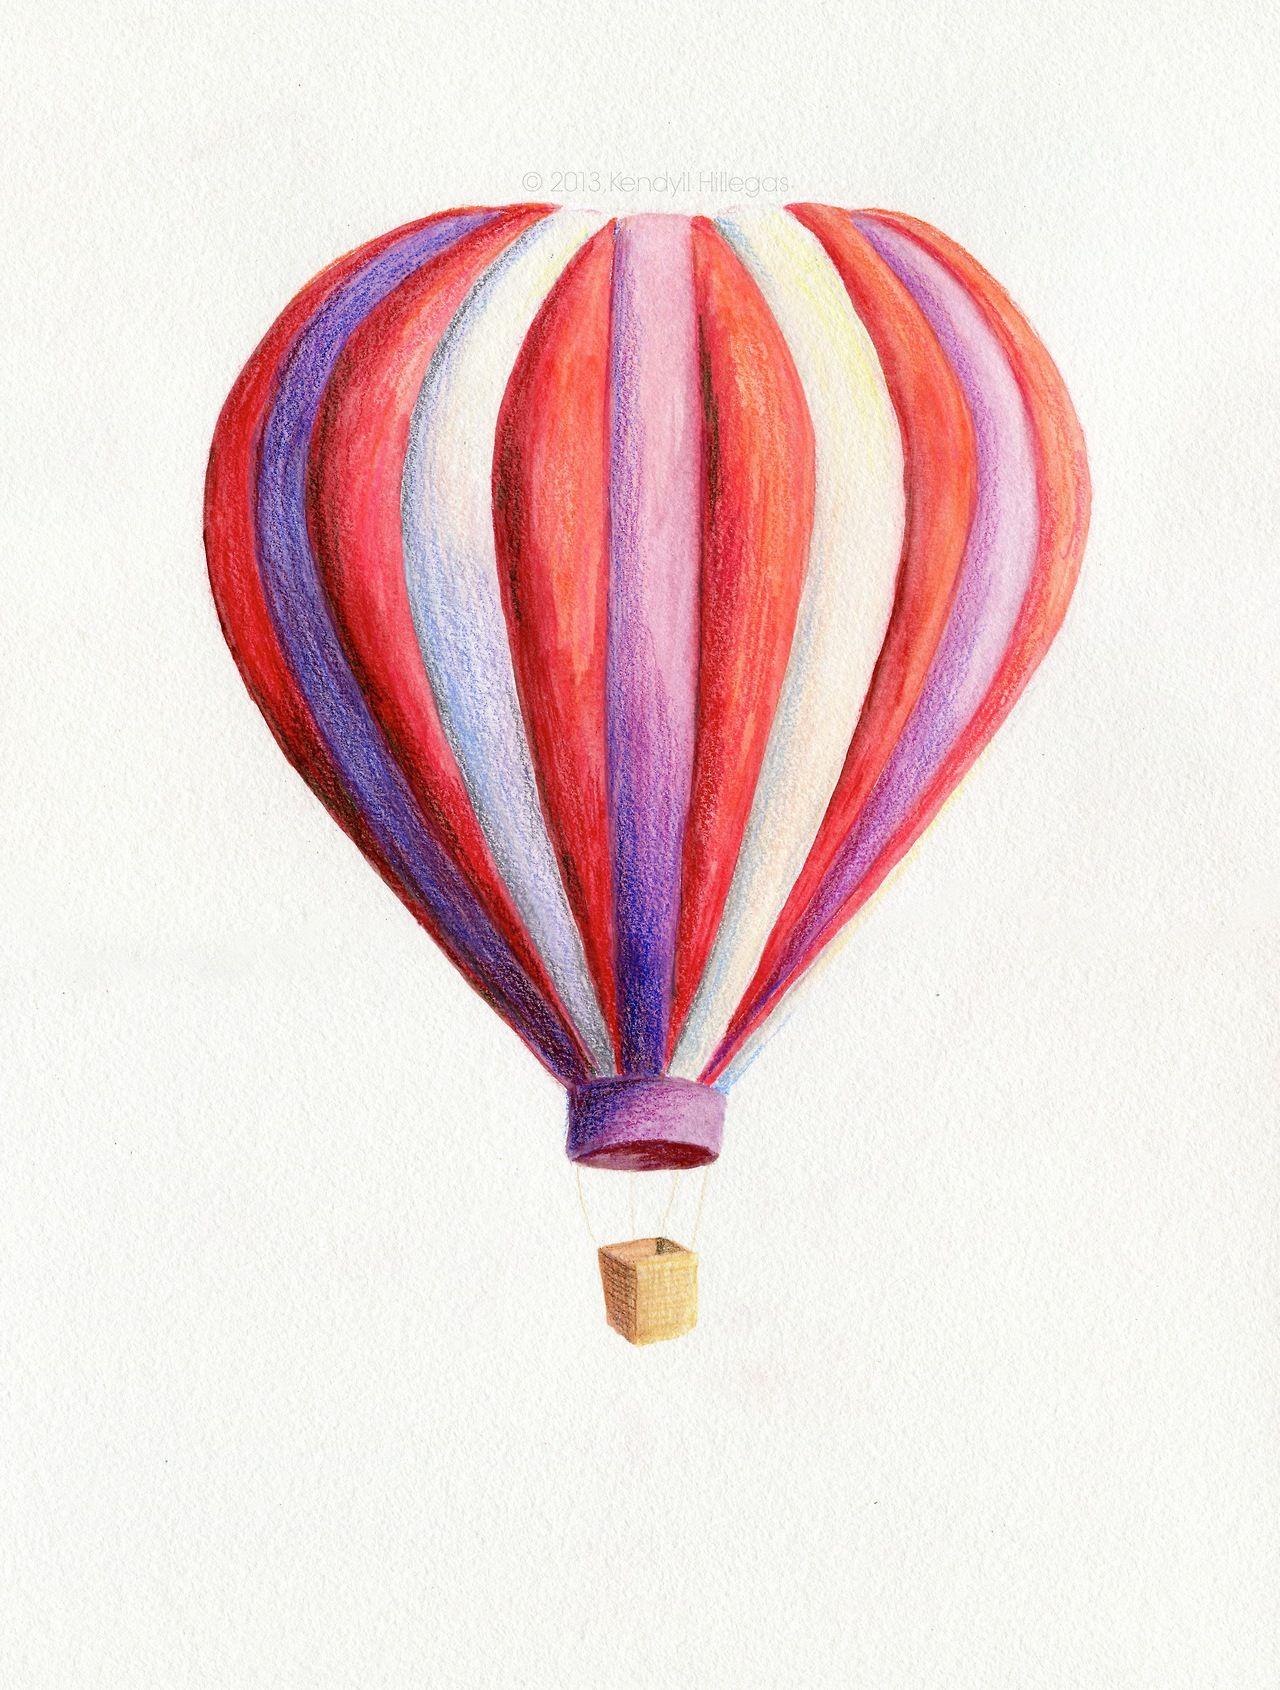 1280x1690 Hot Air Balloon Drawing Tumblr Mpbao9pypv1resk48o1 1280.jpg (1280